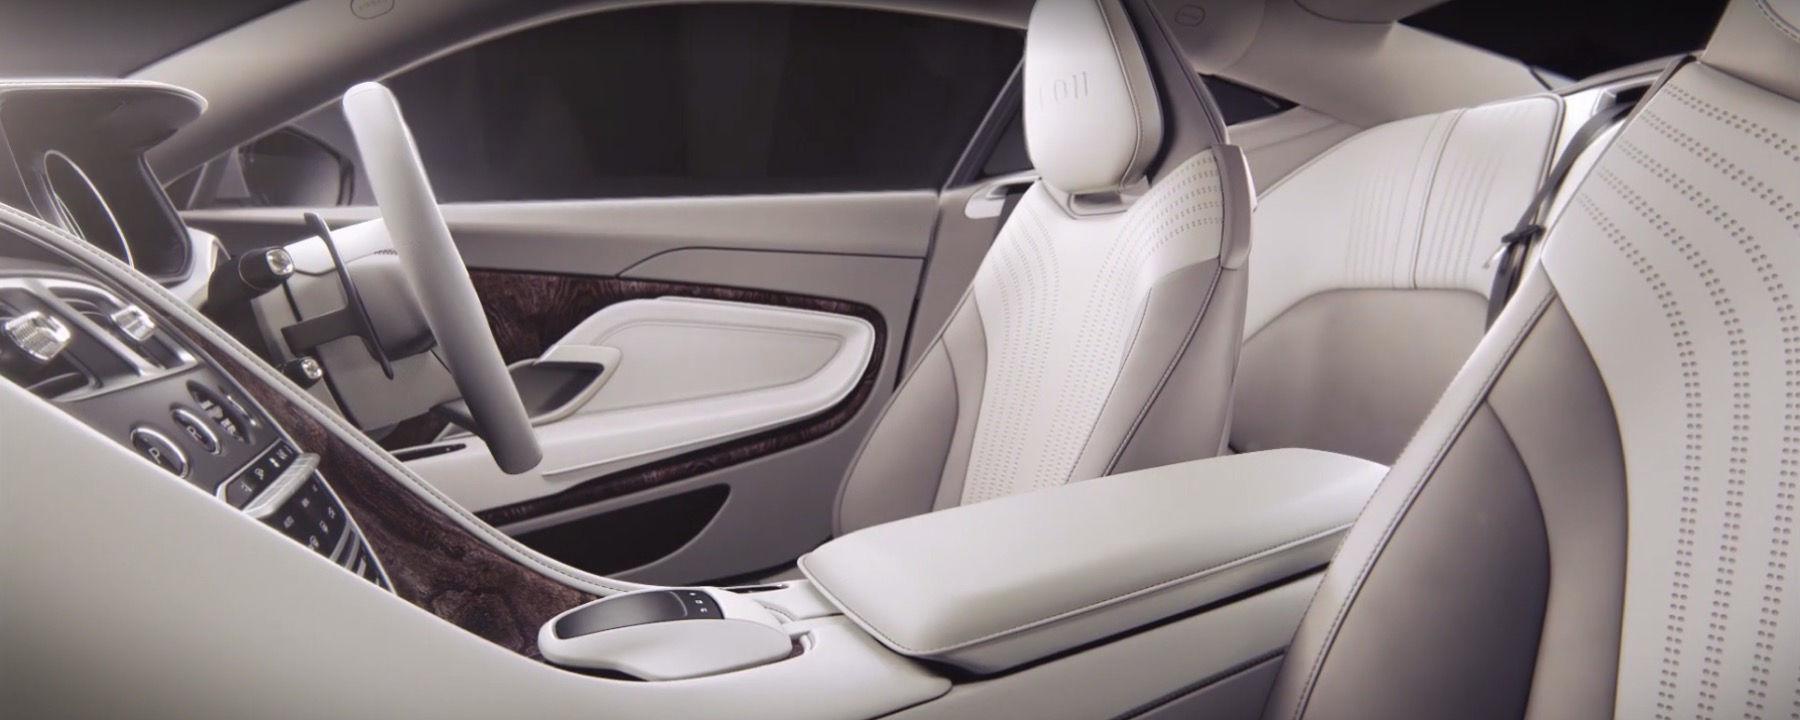 Hyundai kategorisi için resim